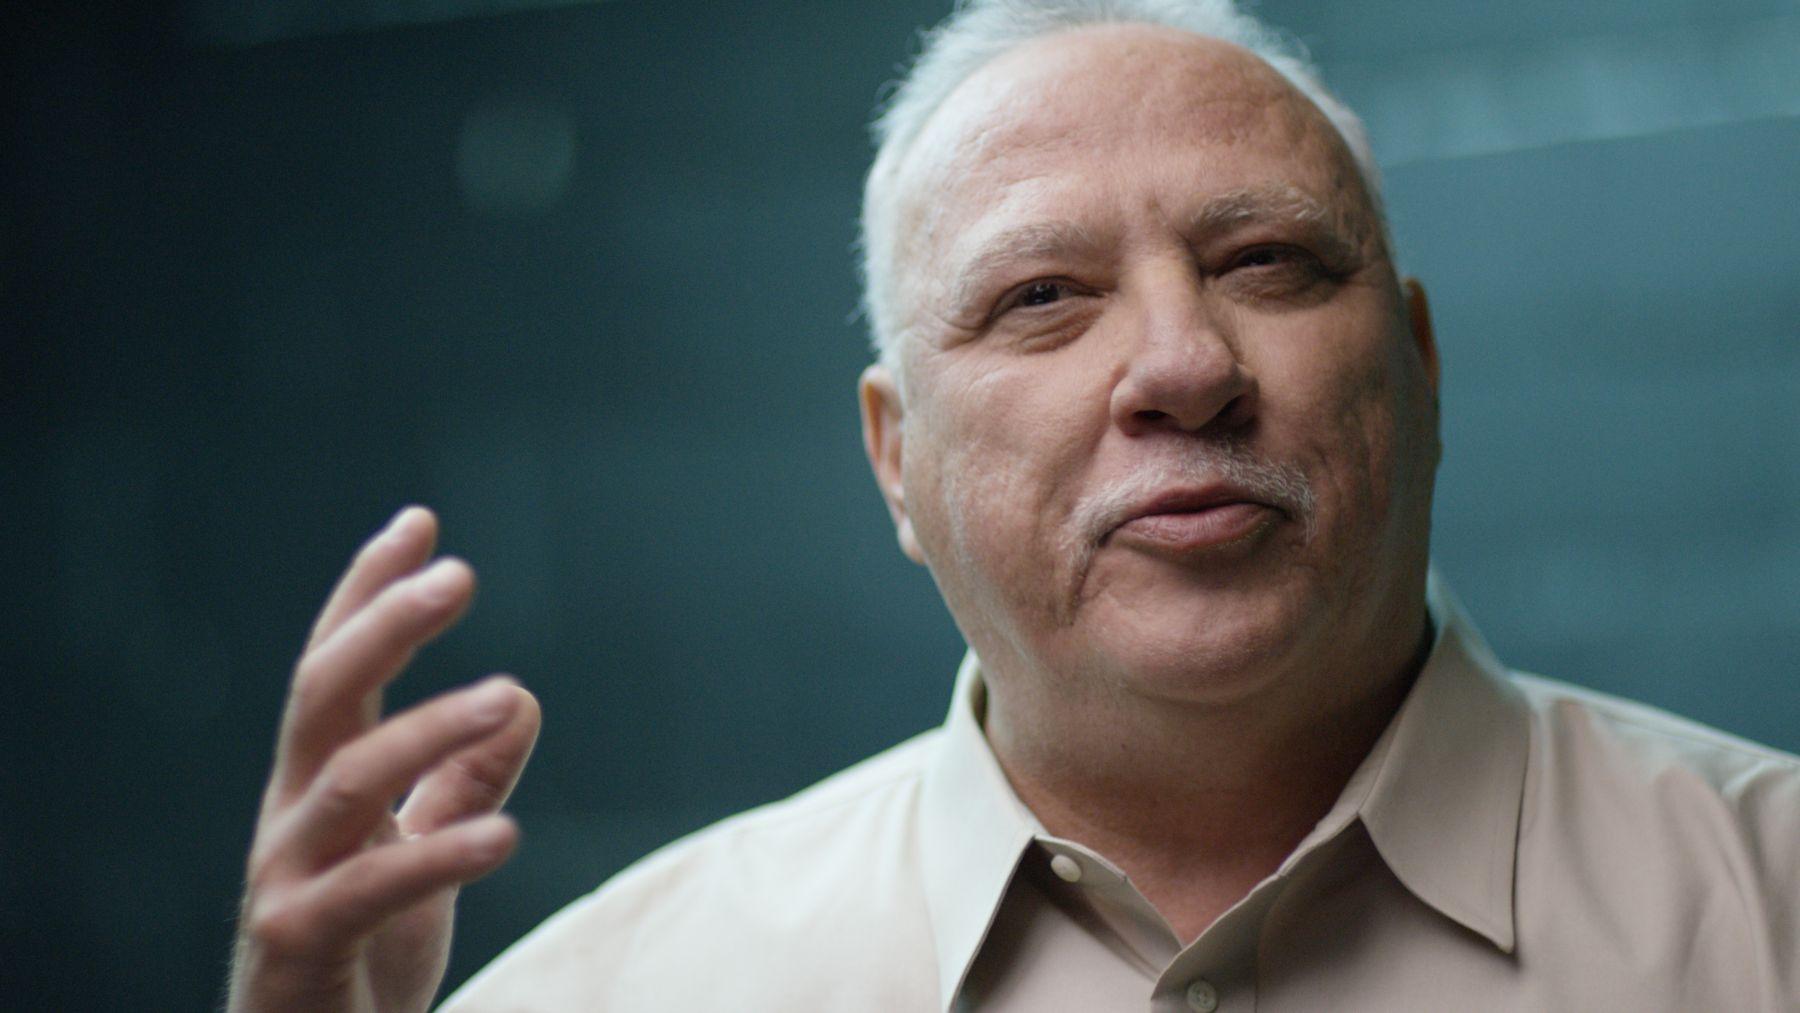 Narcos: Jak naprawdę dopadli Escobara? – wywiad z Javierem Peñą, agentem DEA